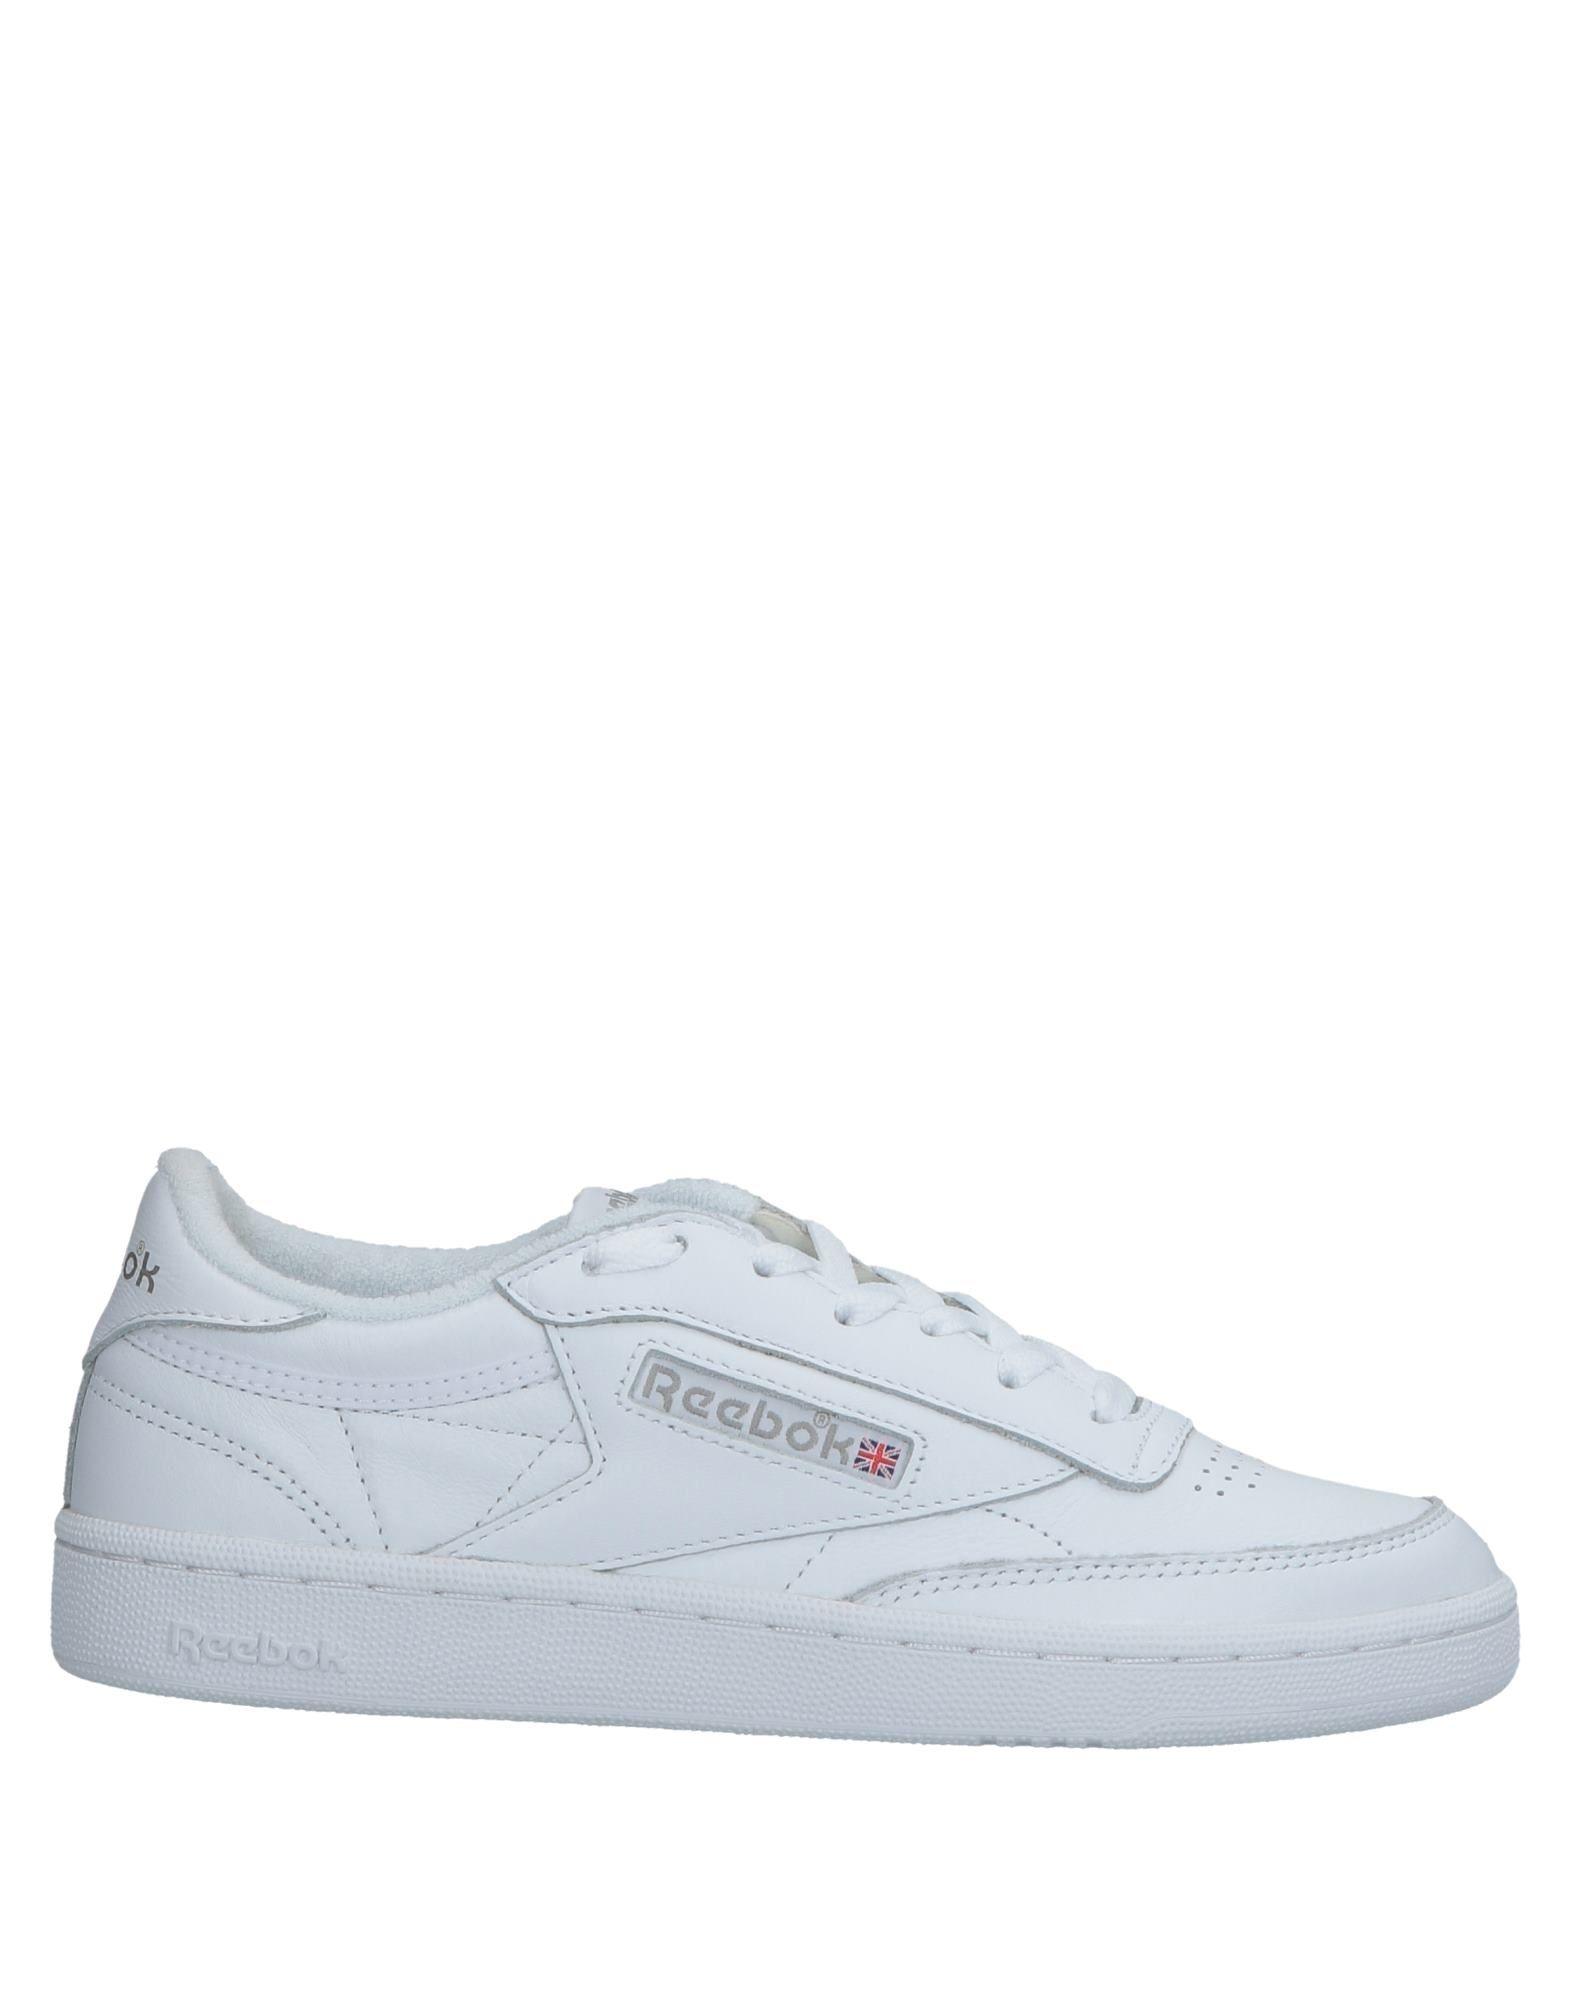 Reebok Sneakers - Women  Reebok Sneakers online on  Women Canada - 11562247PD f5babc